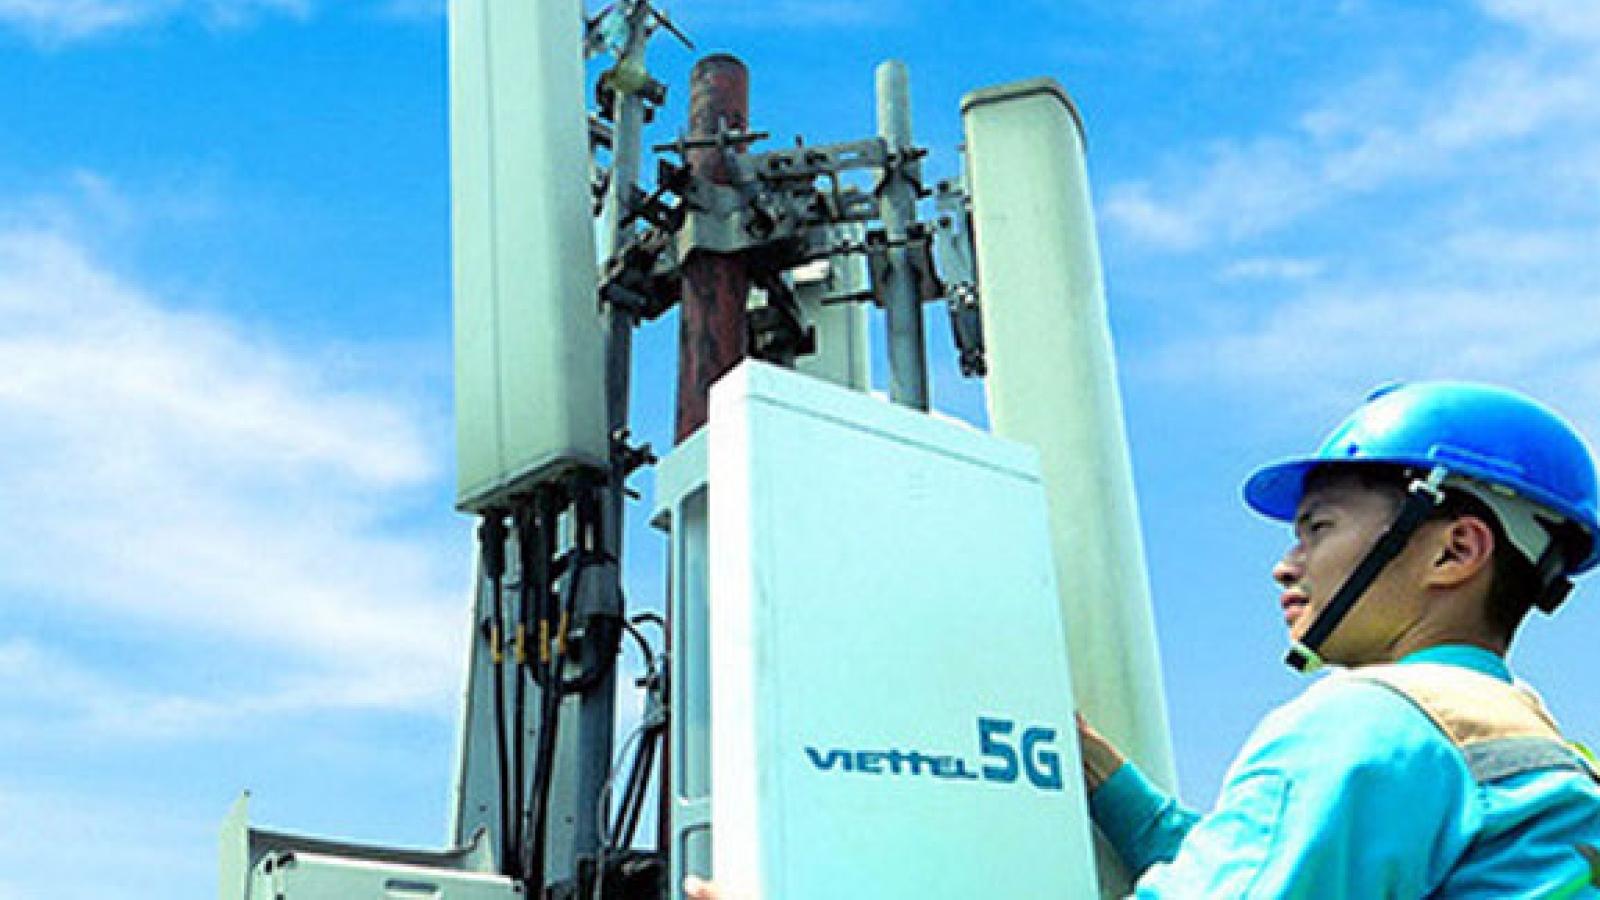 Viettel và MobiFone bắt đầu thử nghiệm thương mại mạng 5G